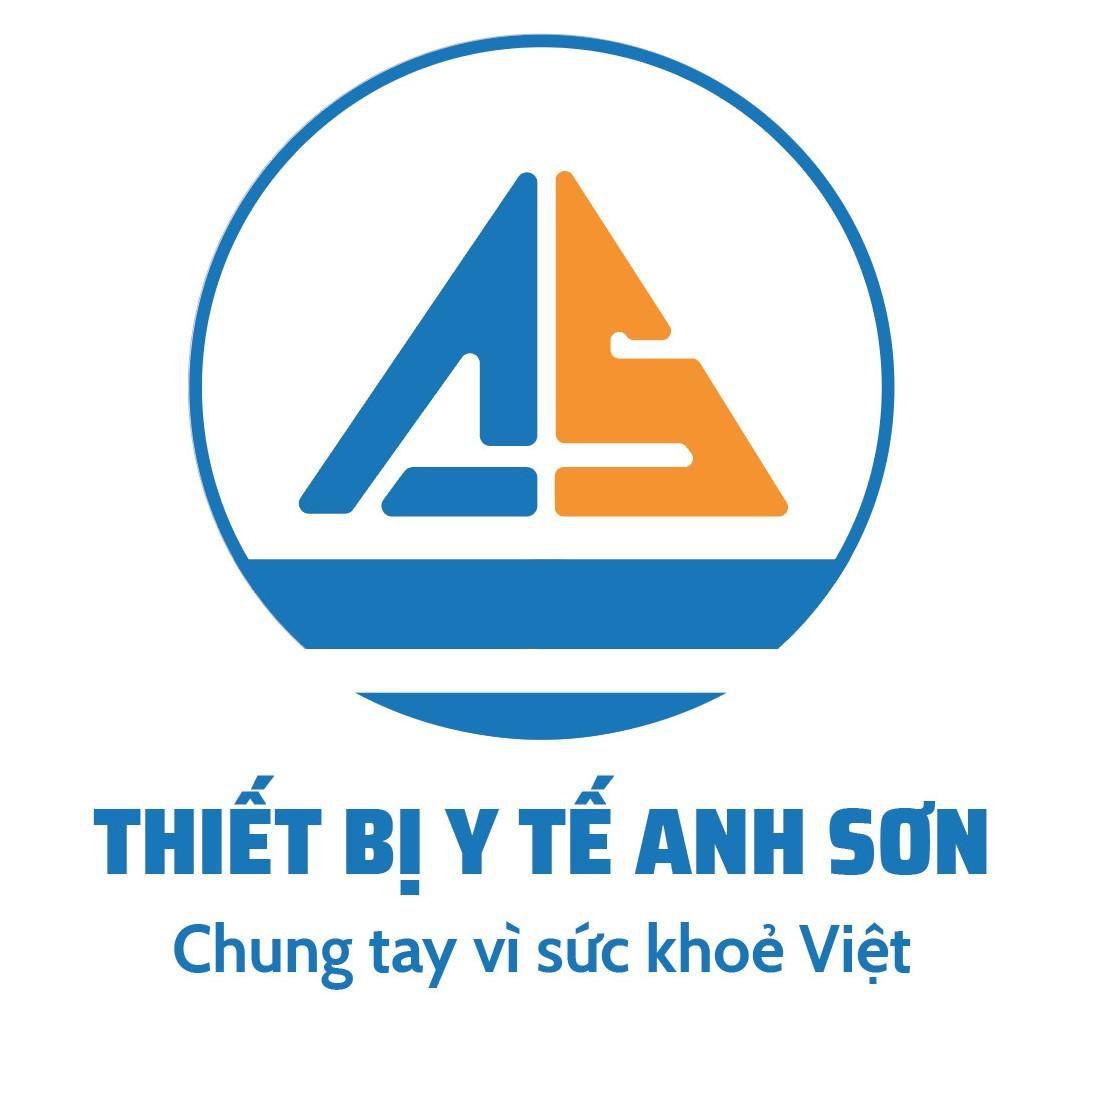 Giới thiệu về Trang thiết bị y tế Anh Sơn